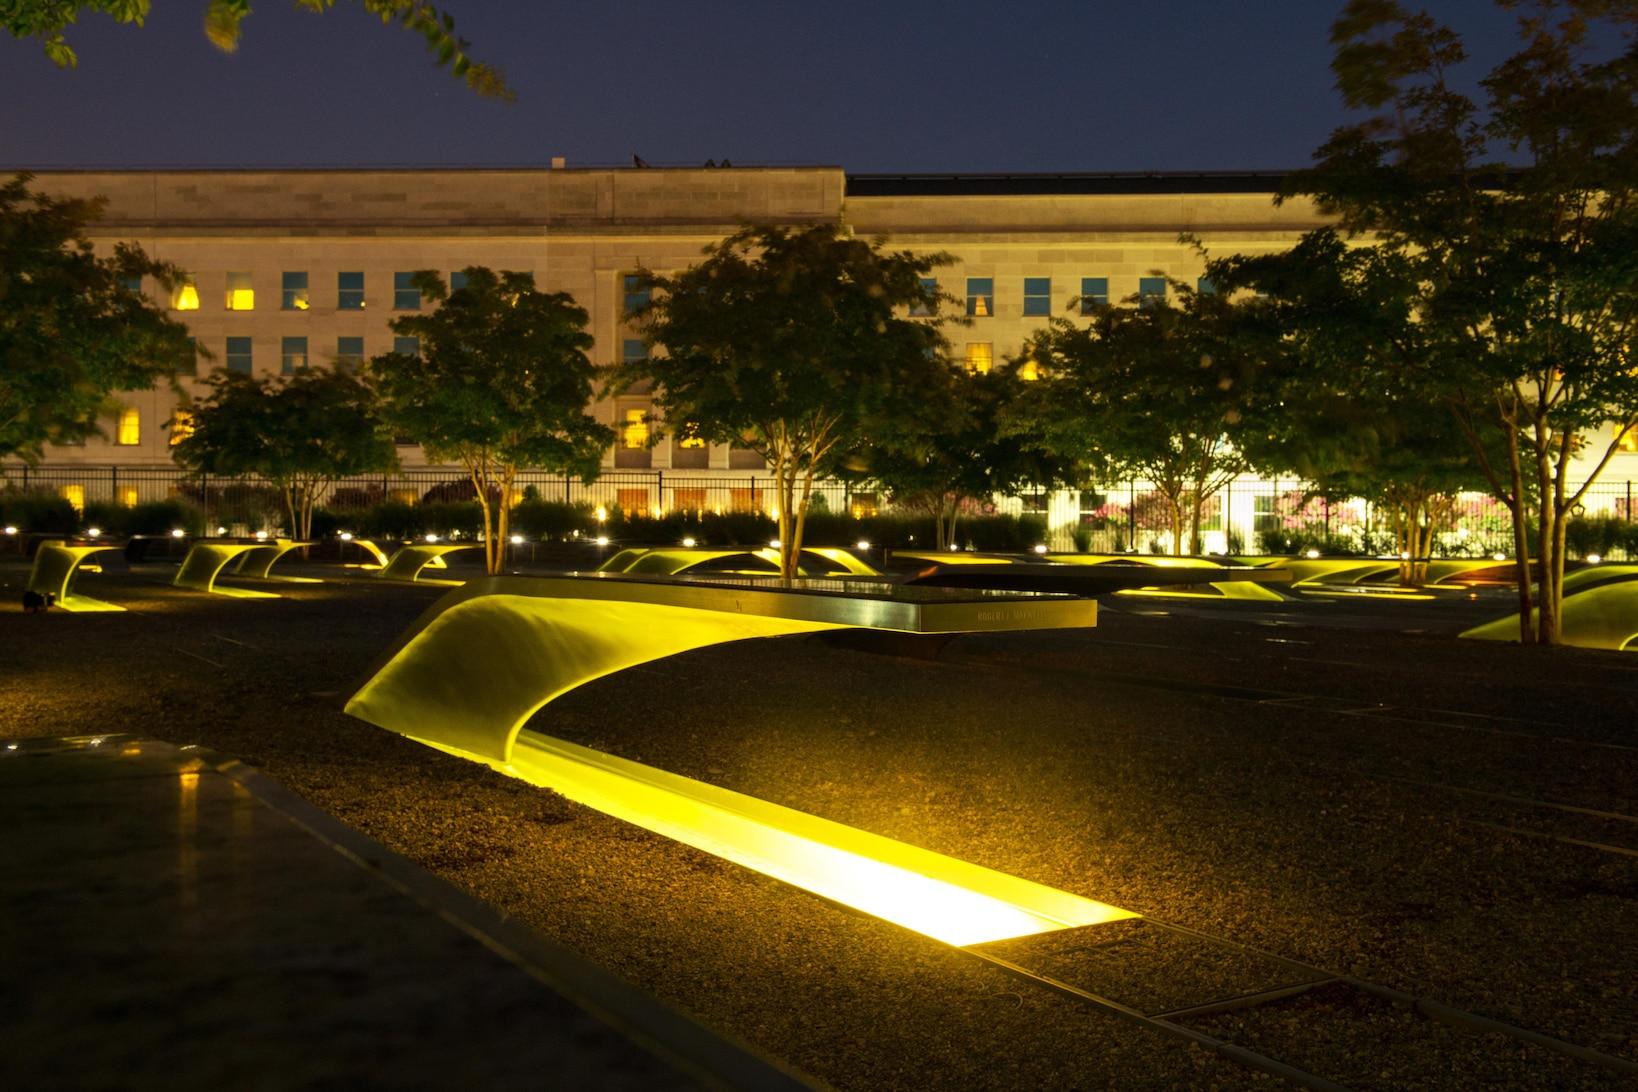 9/11 Pentagon Memorial at night.